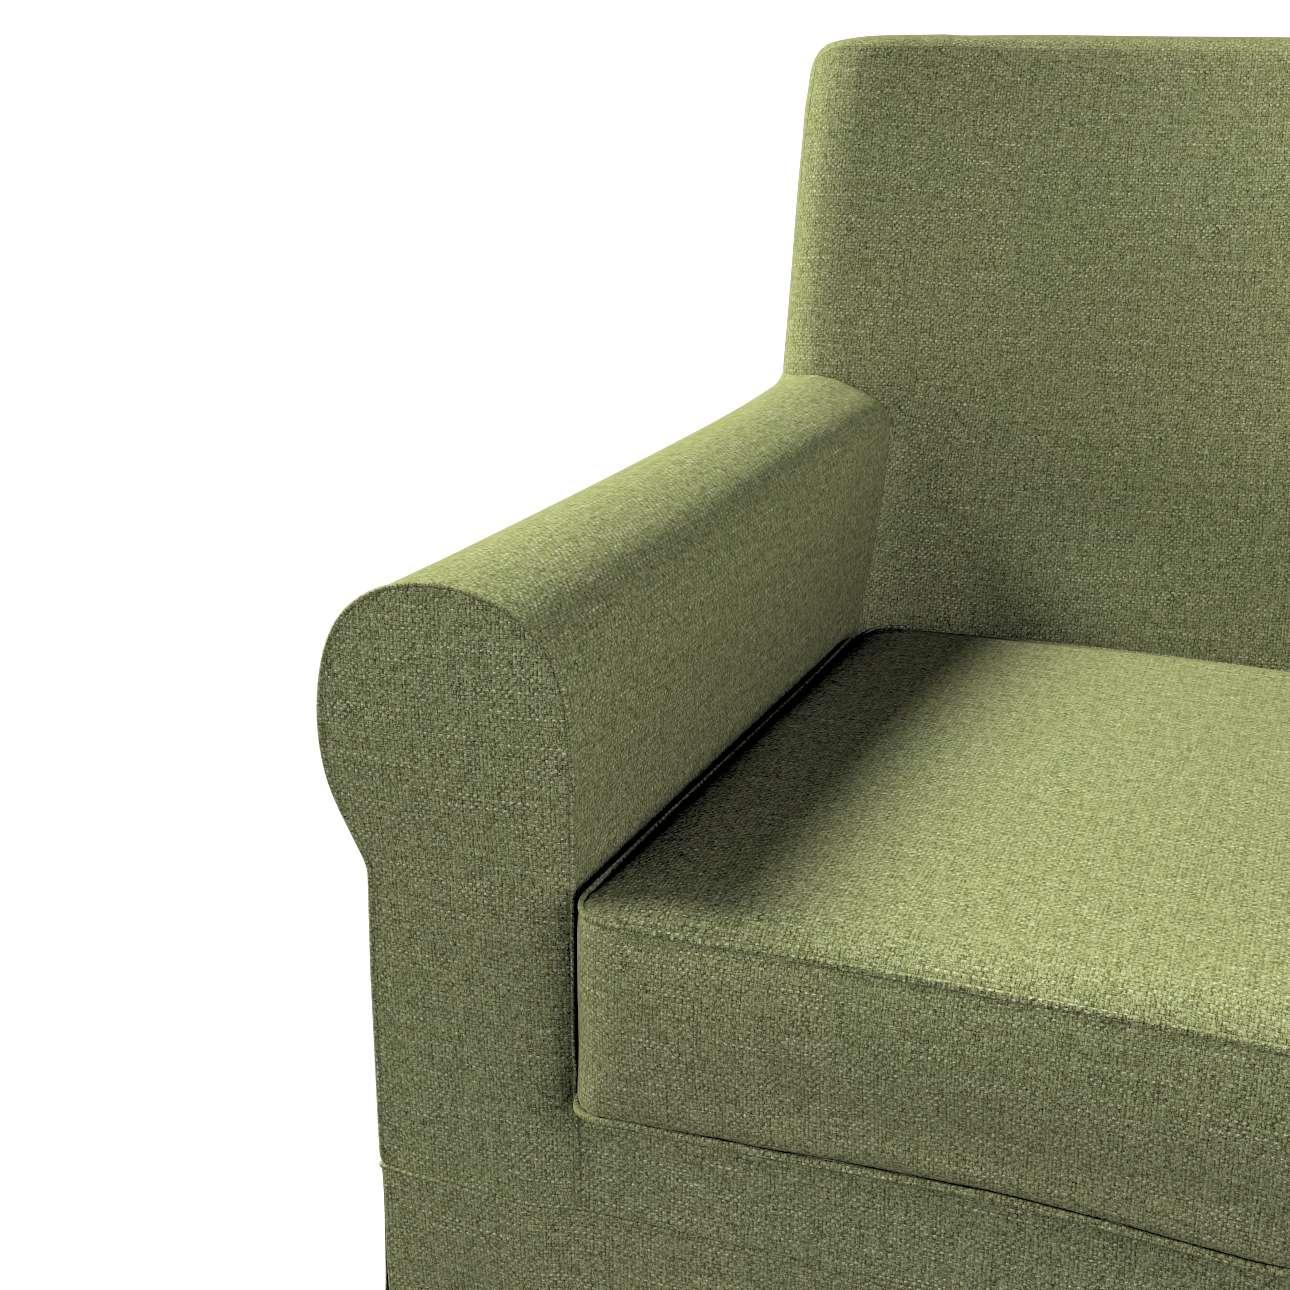 Pokrowiec na fotel Ektorp Jennylund w kolekcji Madrid, tkanina: 161-22